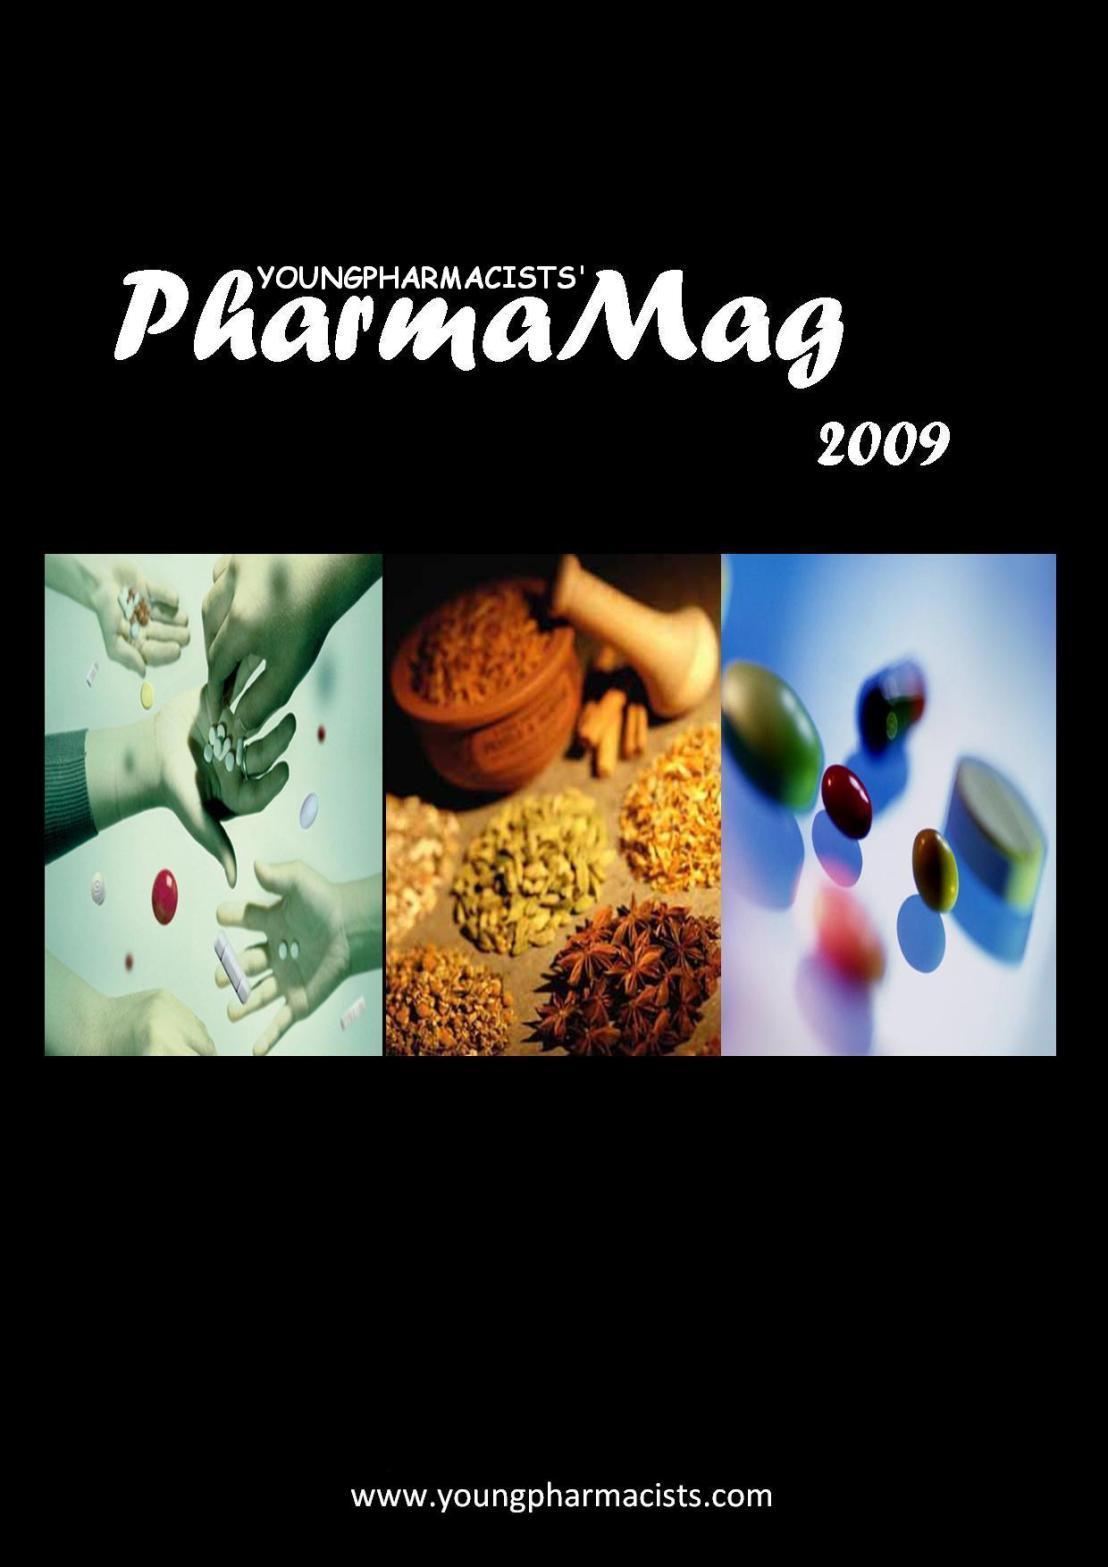 PharmaMag 2009